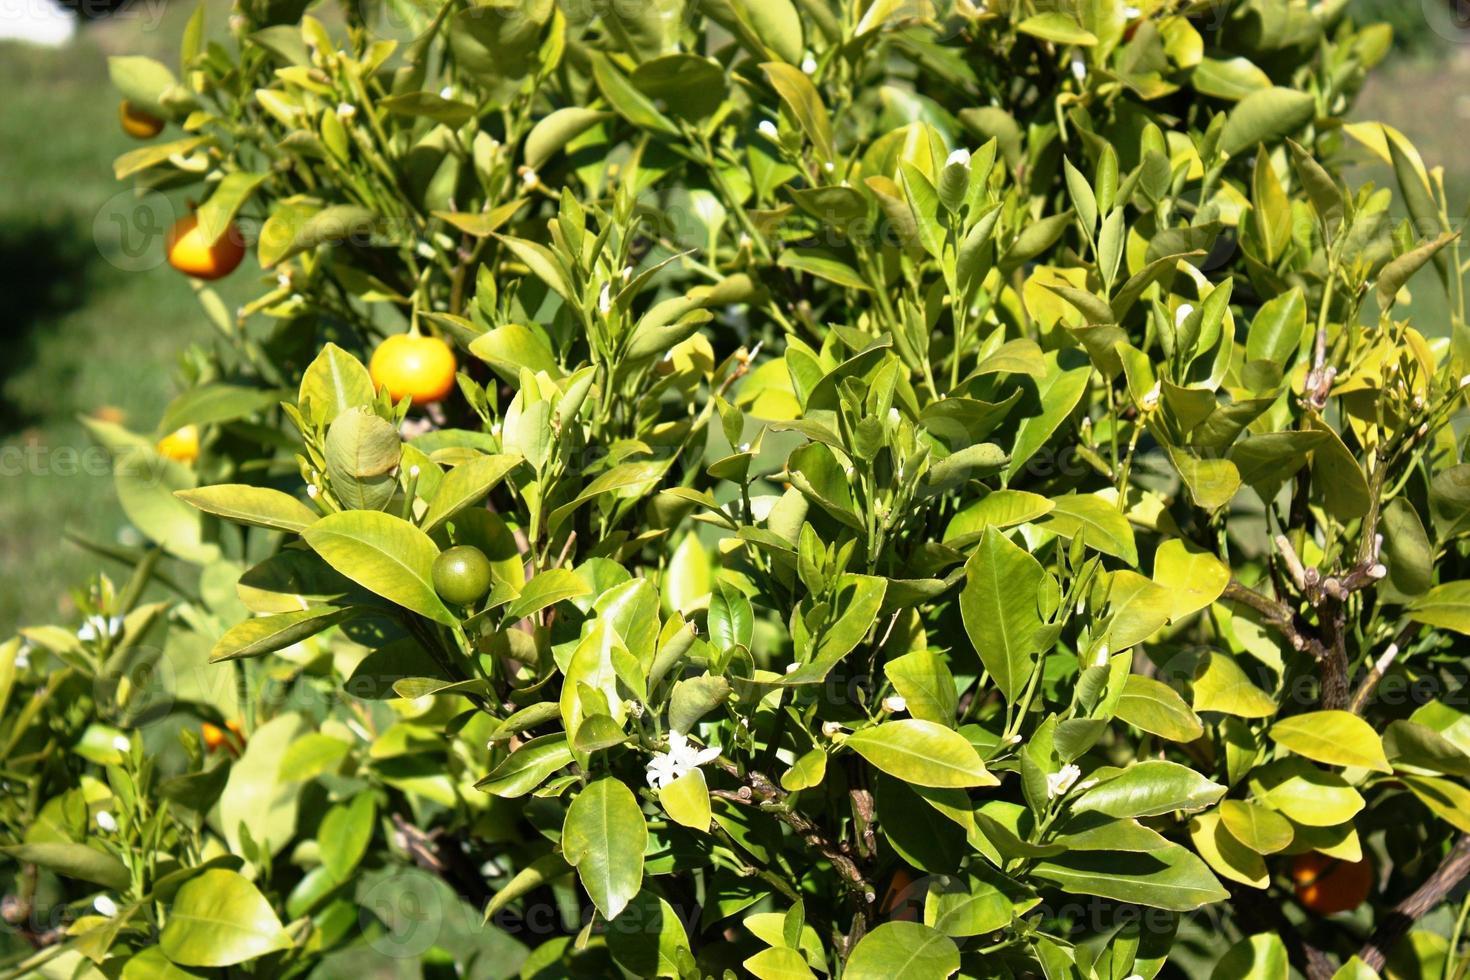 árvore kumquat com frutas e folhas no jardim foto